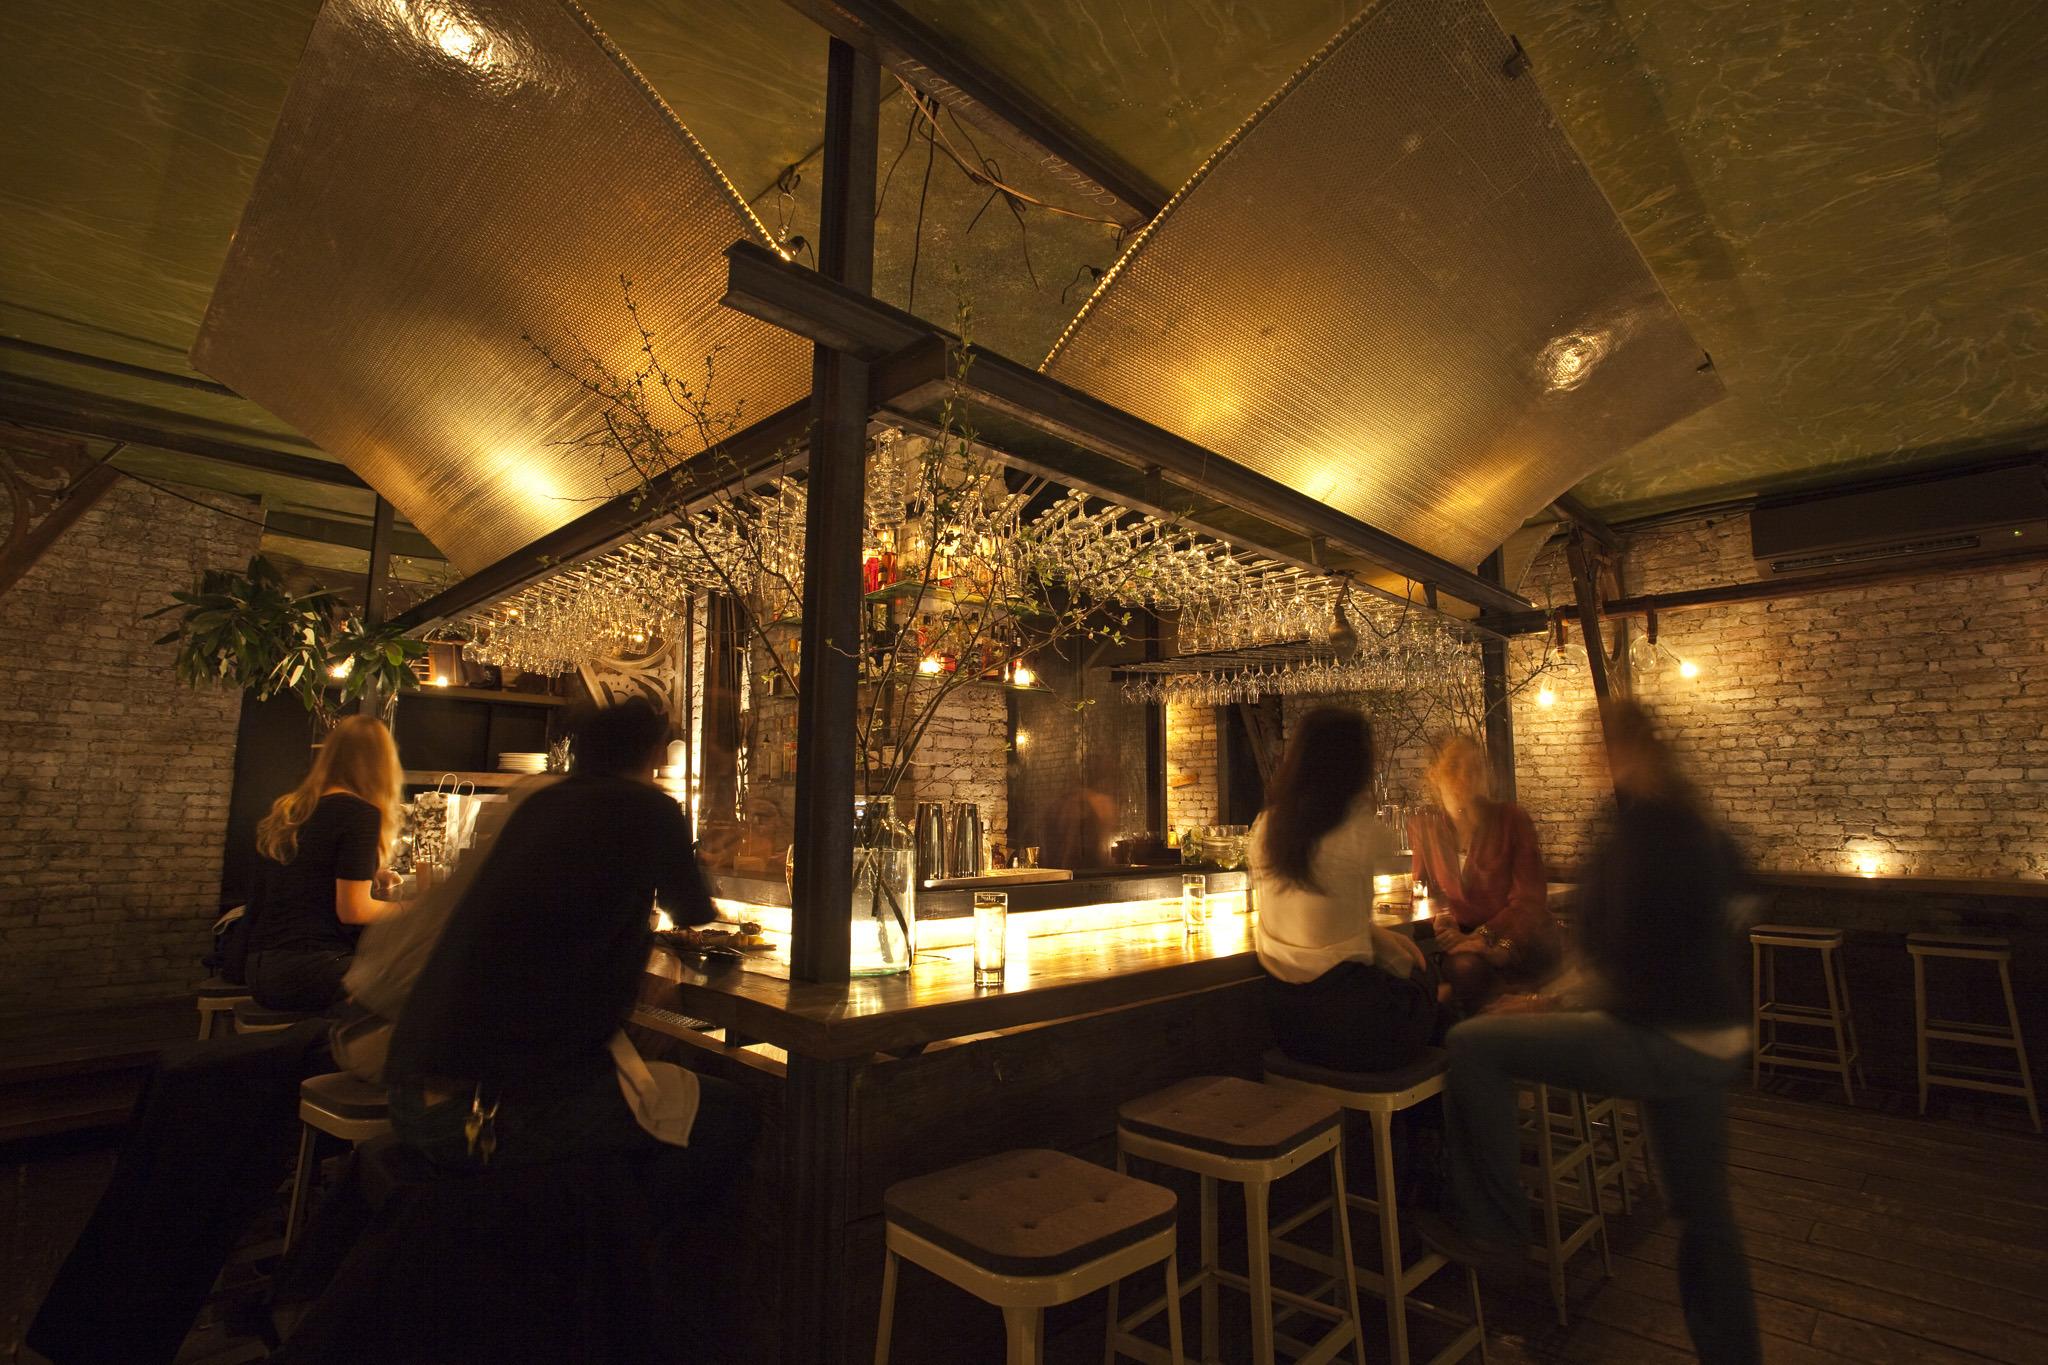 Quiet bars